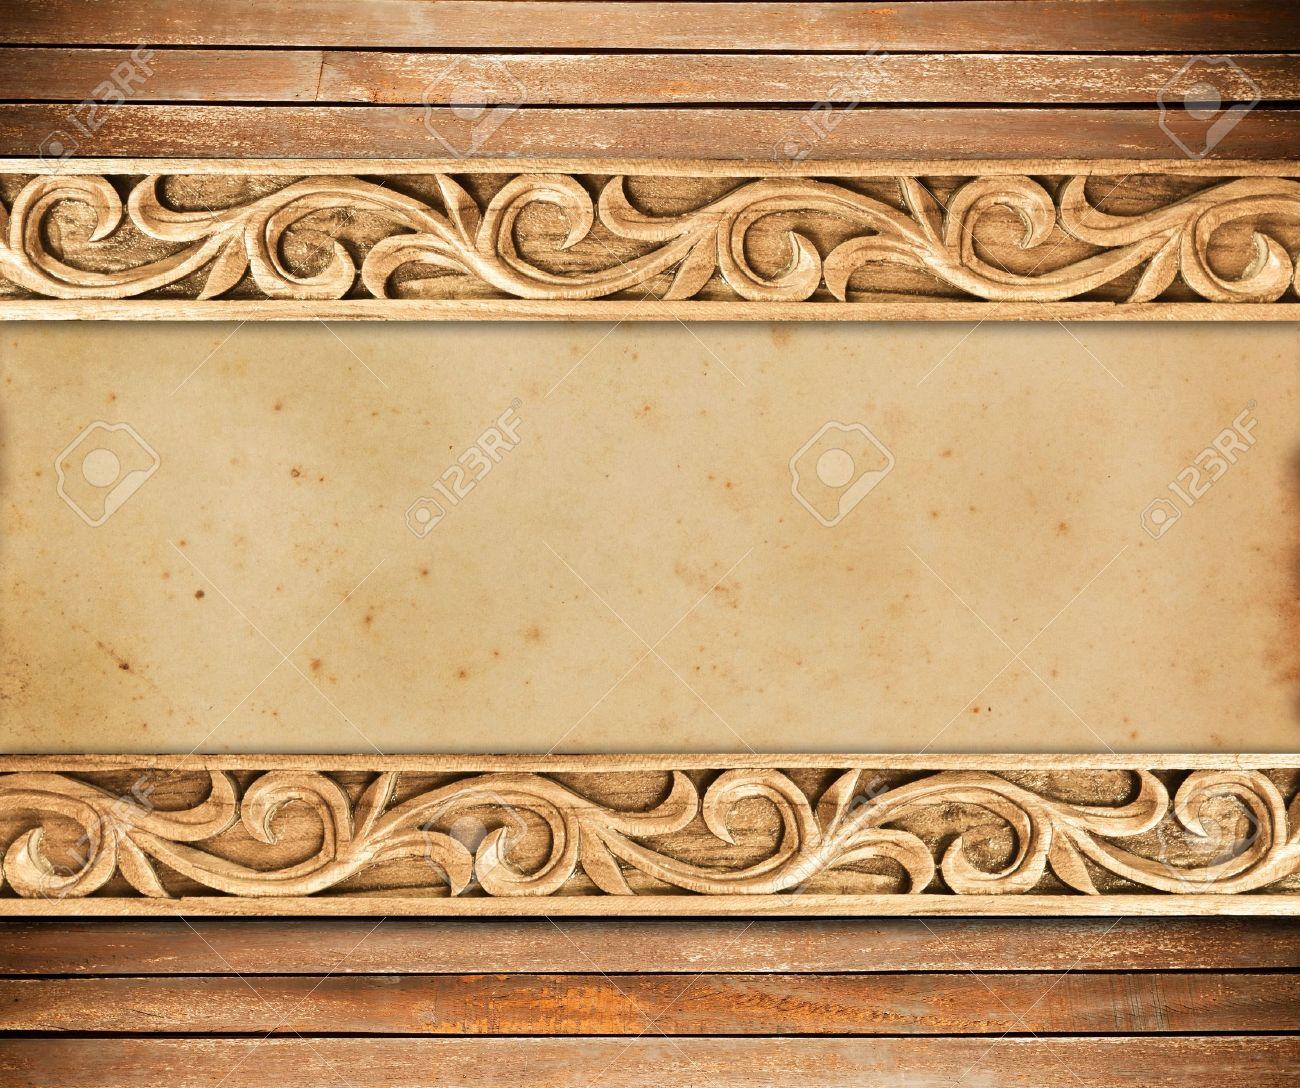 Pattern of wood frame carve flower on wood background - 16460117